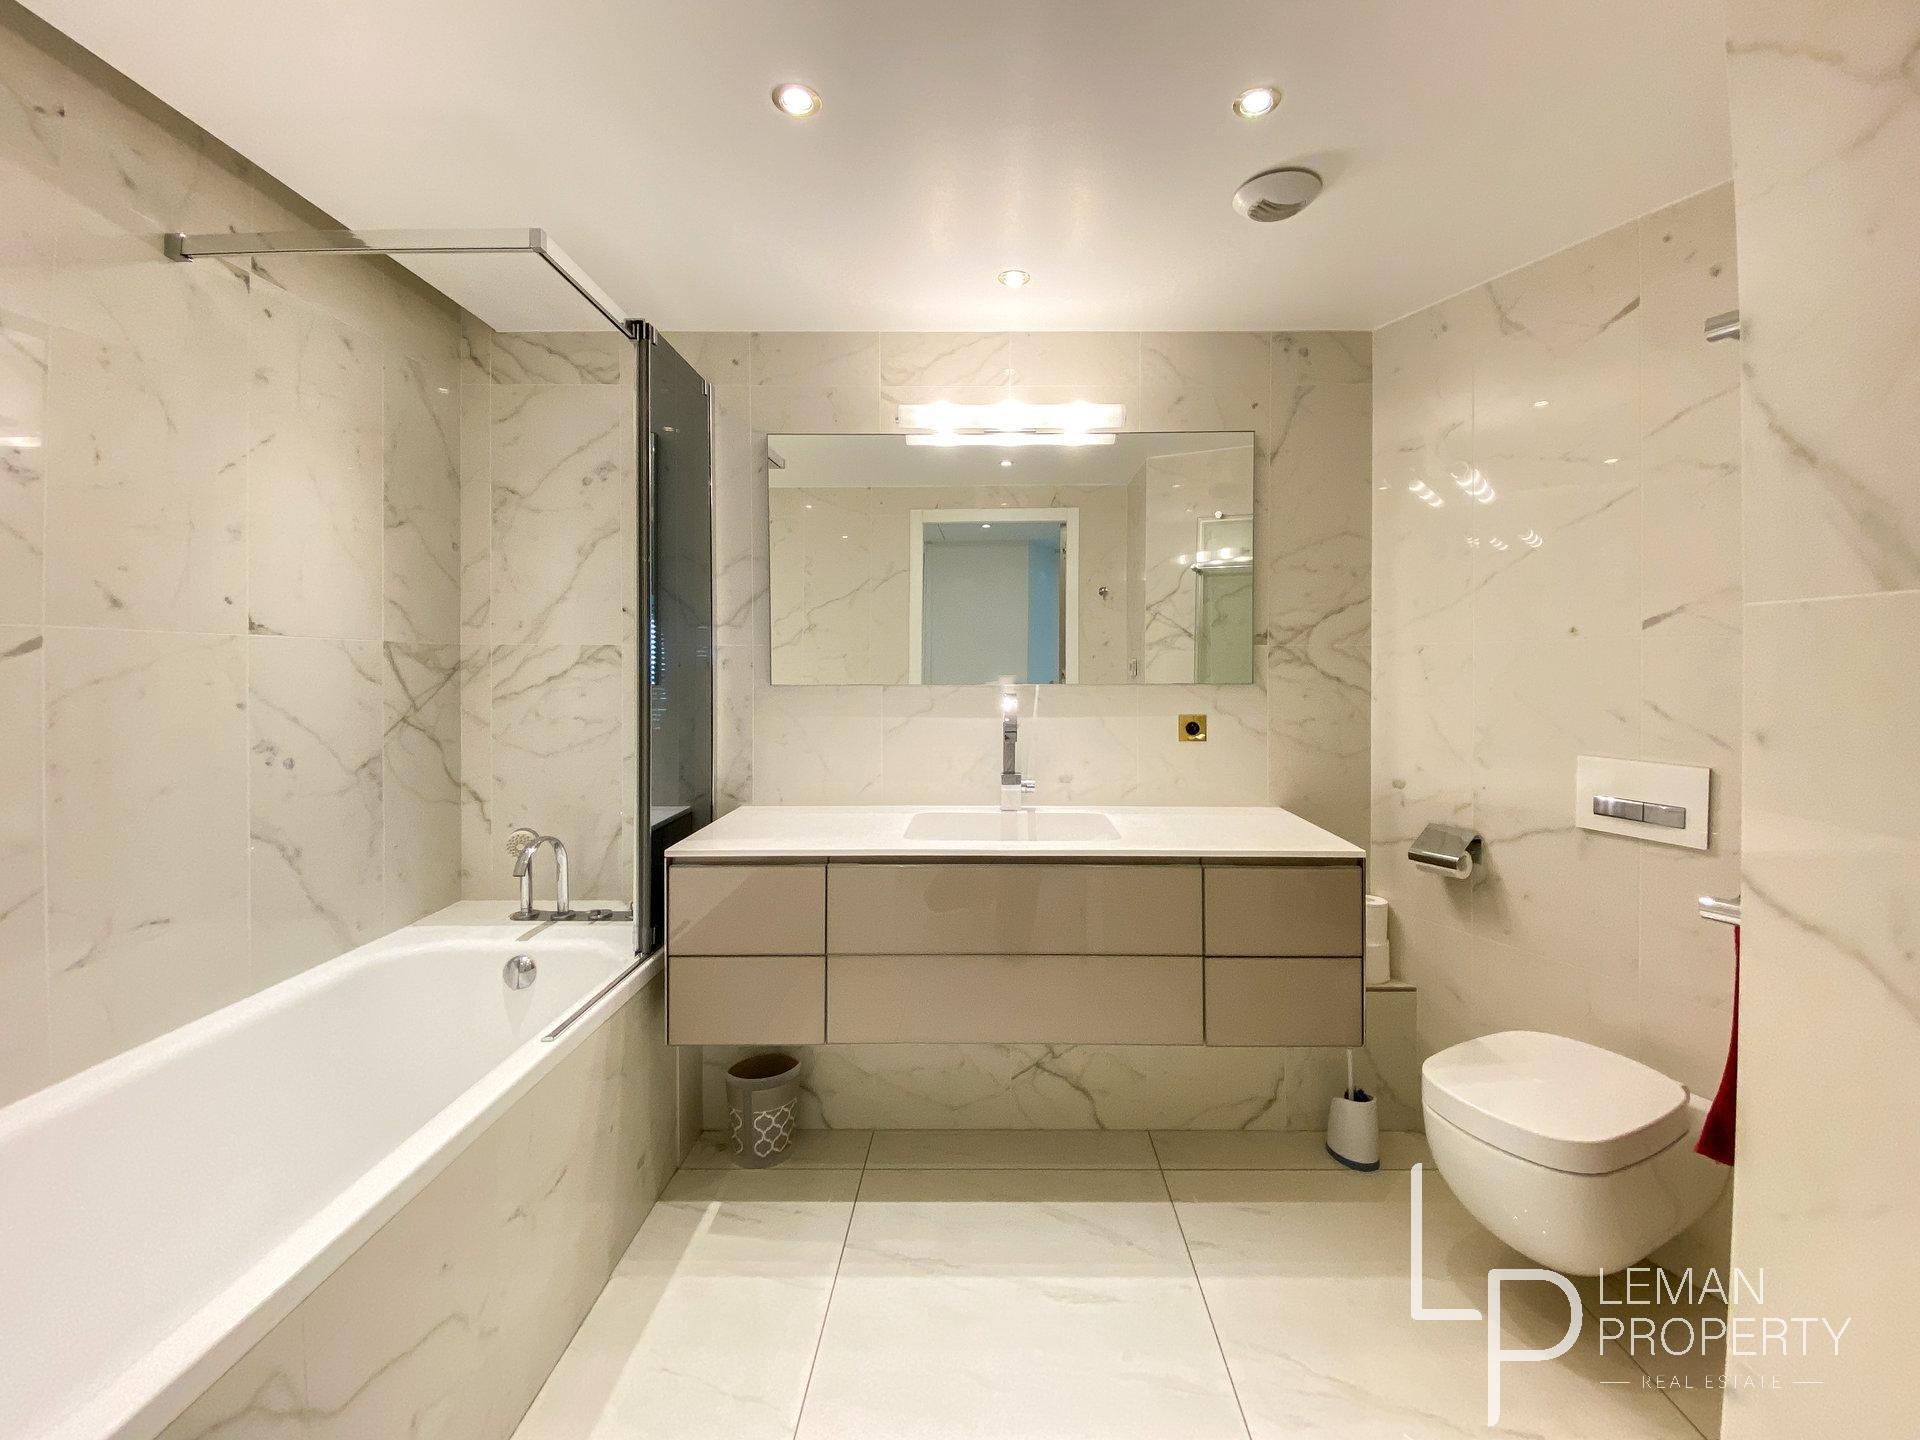 L'agence Leman property vous propose un appartement à la vente